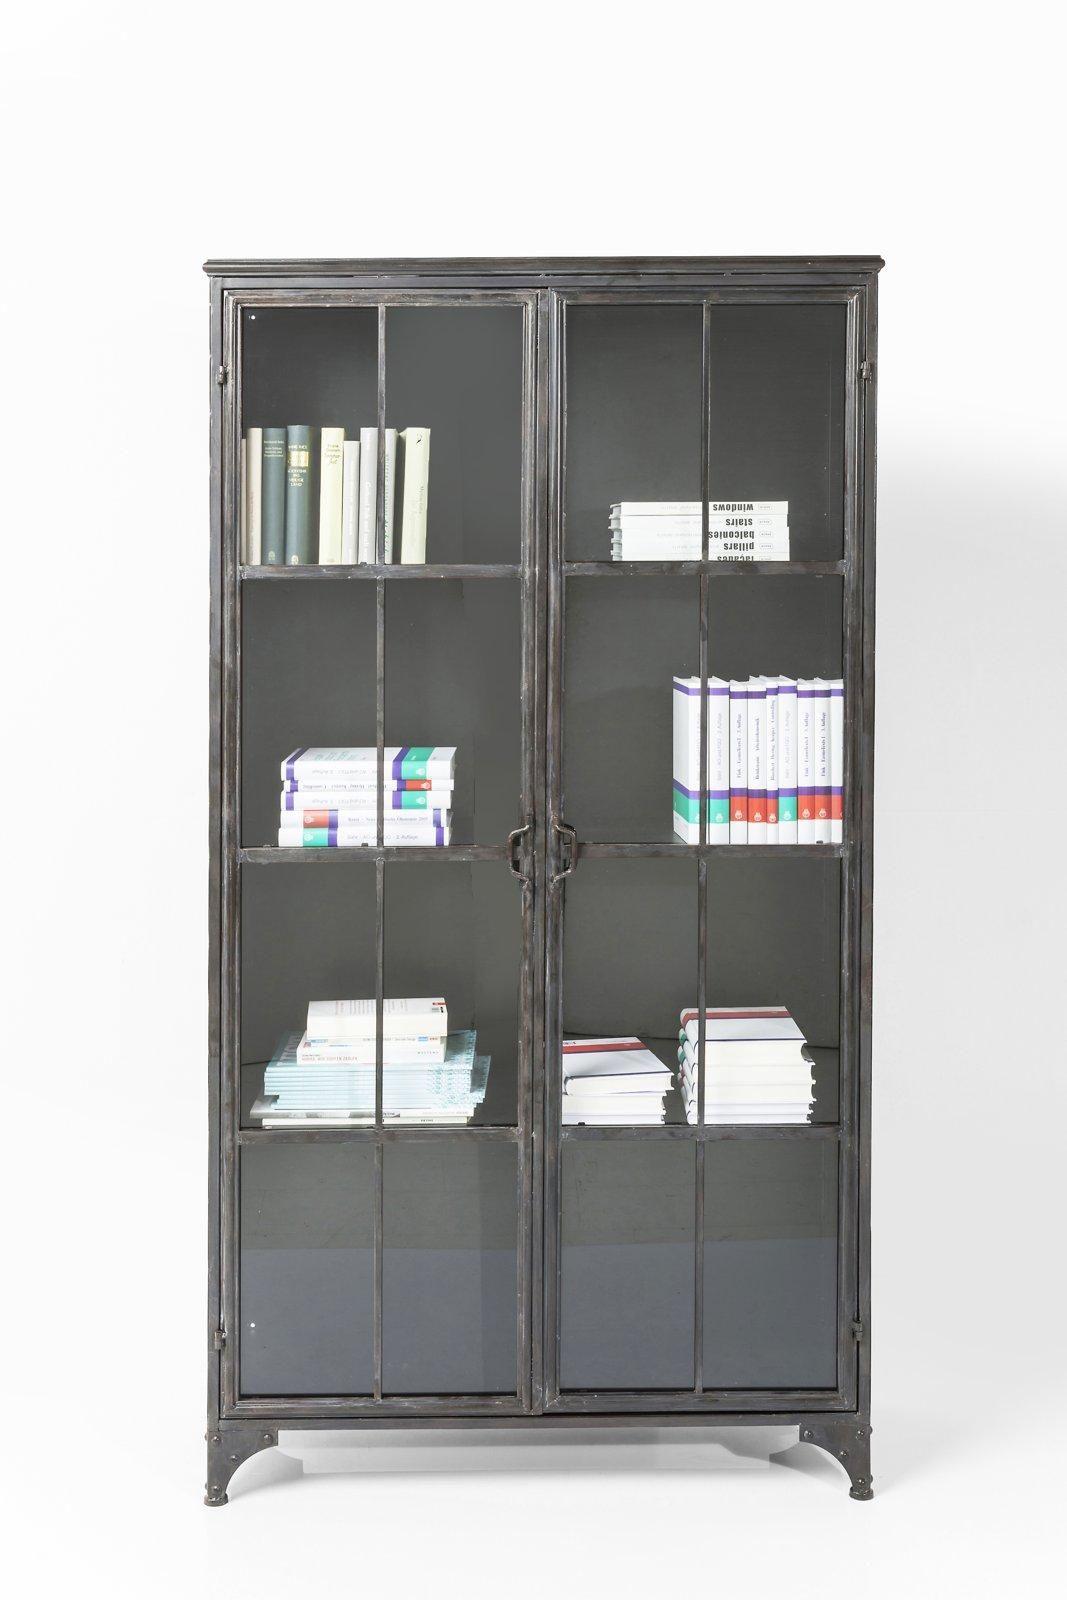 vitrine factory ein schrank aus stahl und glas passt in jedes ambiente im industriestil und. Black Bedroom Furniture Sets. Home Design Ideas